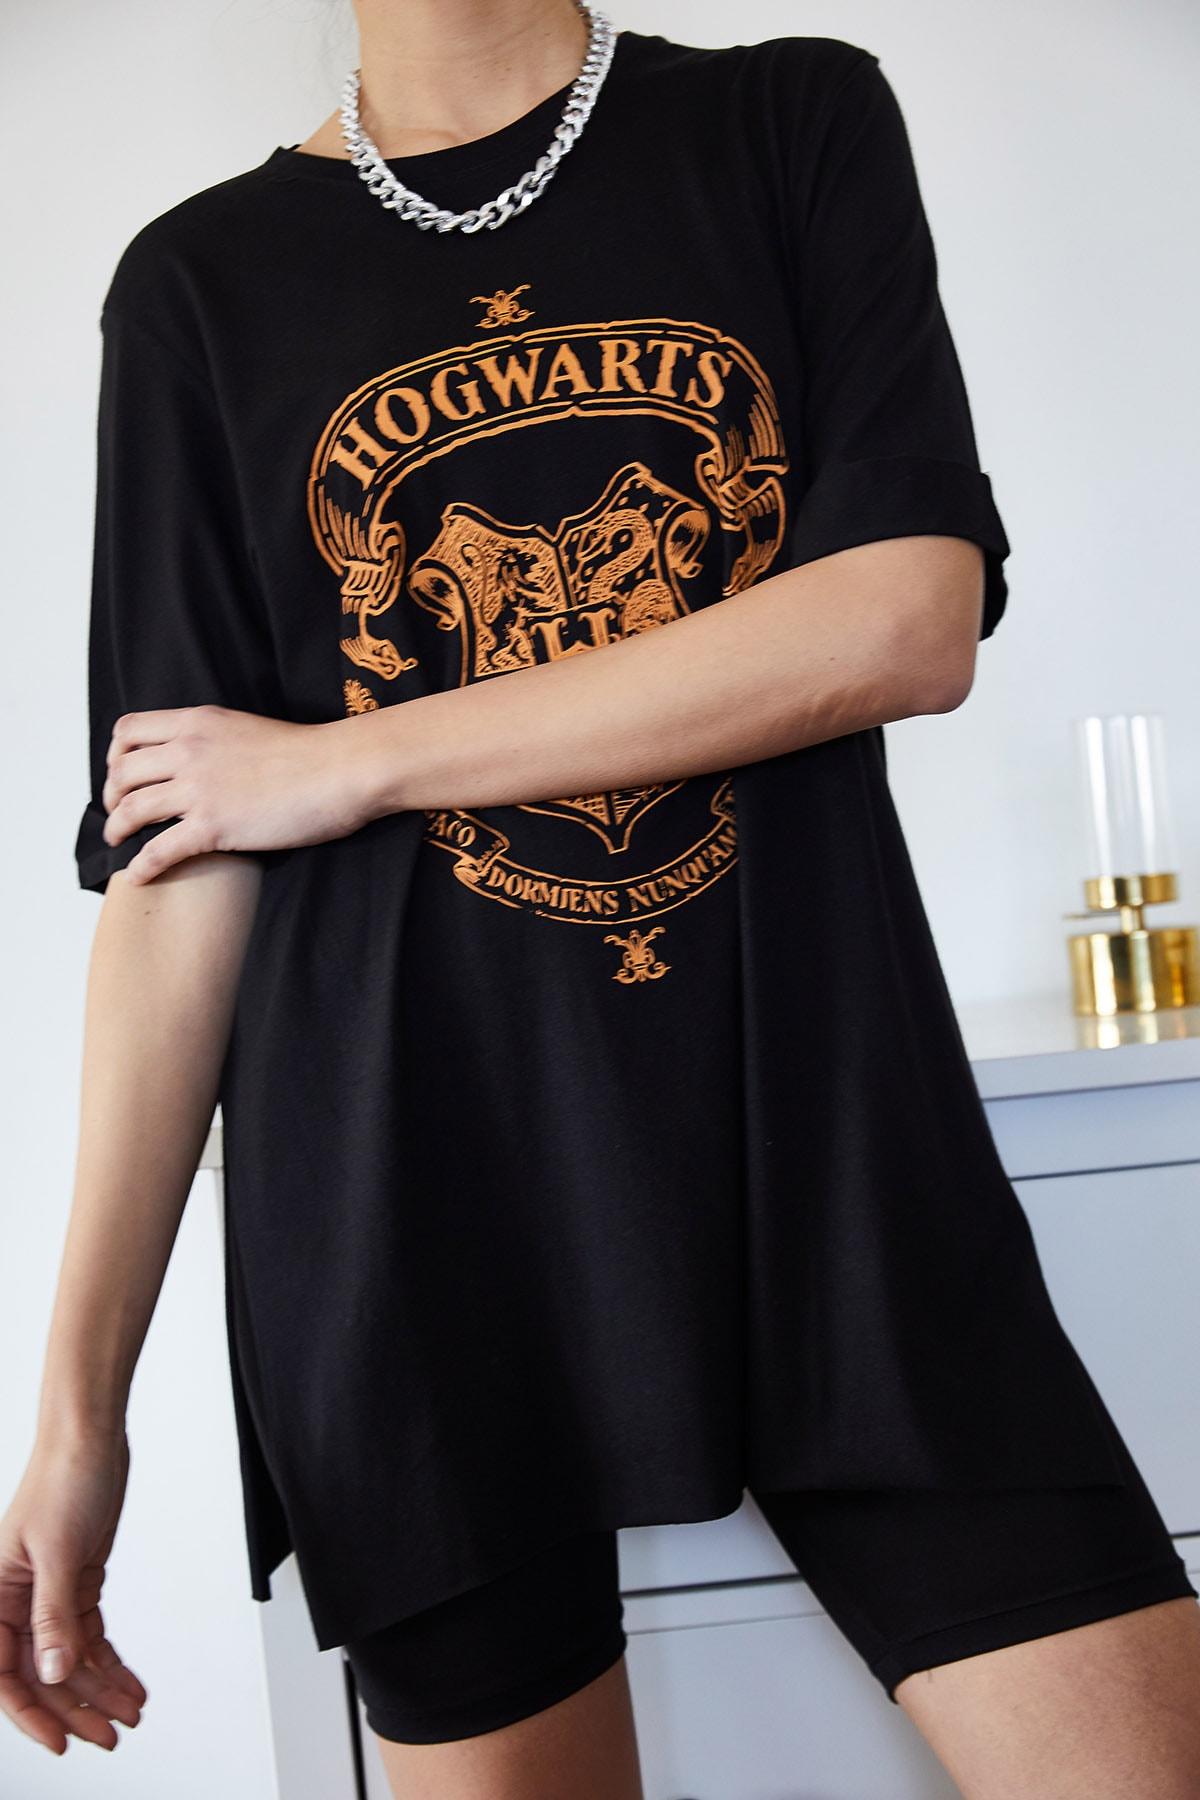 XENA Kadın Siyah Baskılı Yırtmaçlı Boyfriend T-Shirt 1KZK1-11144-34 2